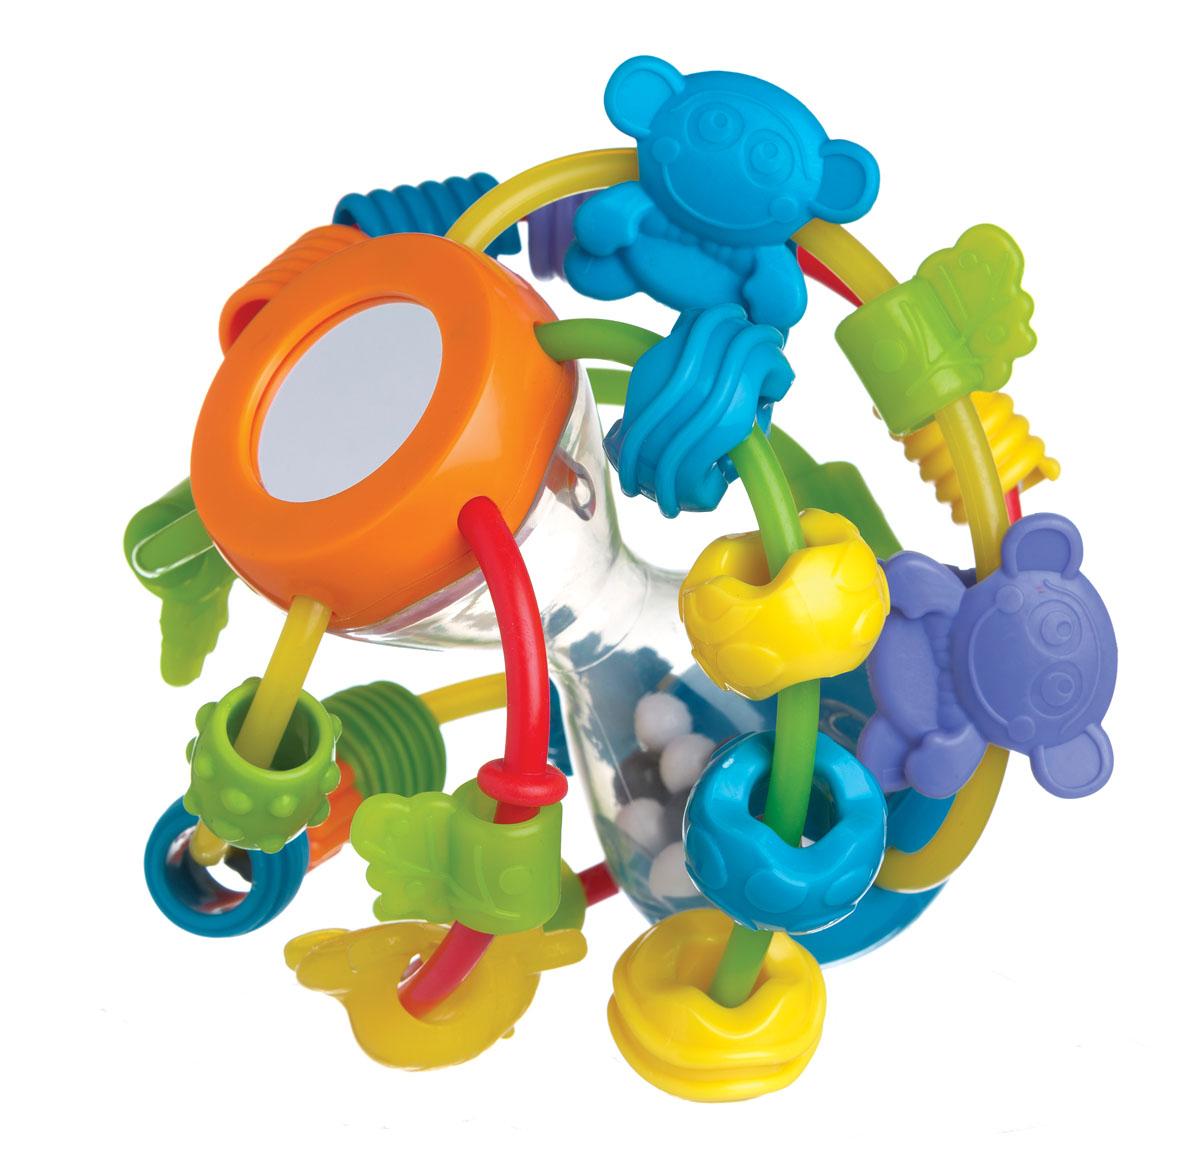 Playgro Развивающая игрушка Шар4082679Шар имеет прозрачное основание в виде песочных часов, по которому с веселым треском перекатываются черно-белые шарики. На пластиковые прутики, тянущиеся от верхней части основания к нижней, нанизано множество бусинок разных цветов и форм. Прутики изготовлены из мягкого пластика, при нажатии они прогибаются. Такую игрушку малышу легче взять в ручки, теребить, перекладывать.